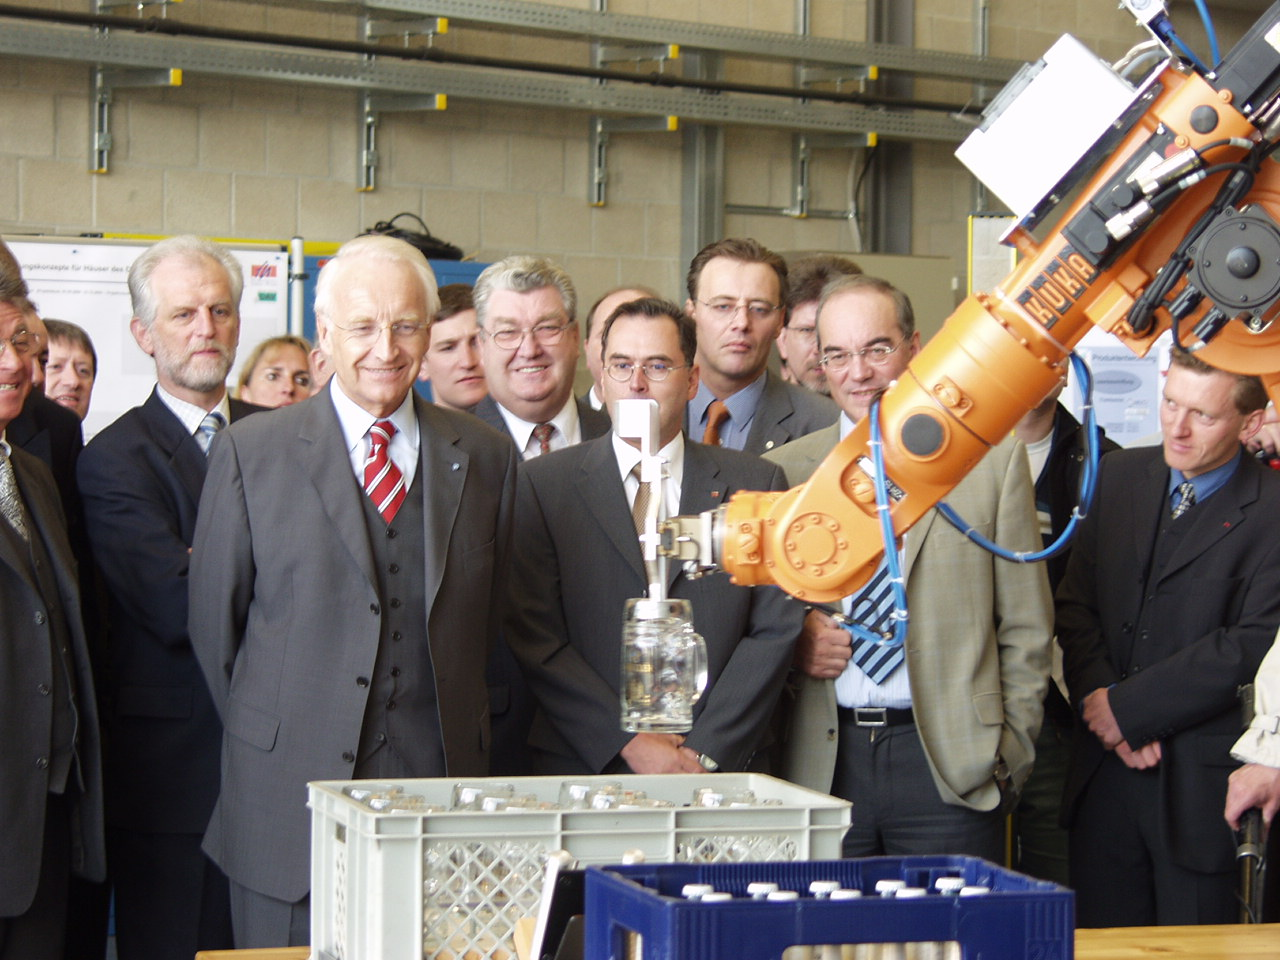 In der Fachhochschule Amberg-Weiden reicht ein Roboter Ministerpräsident Edmund Stoiber eine Maß Bier.